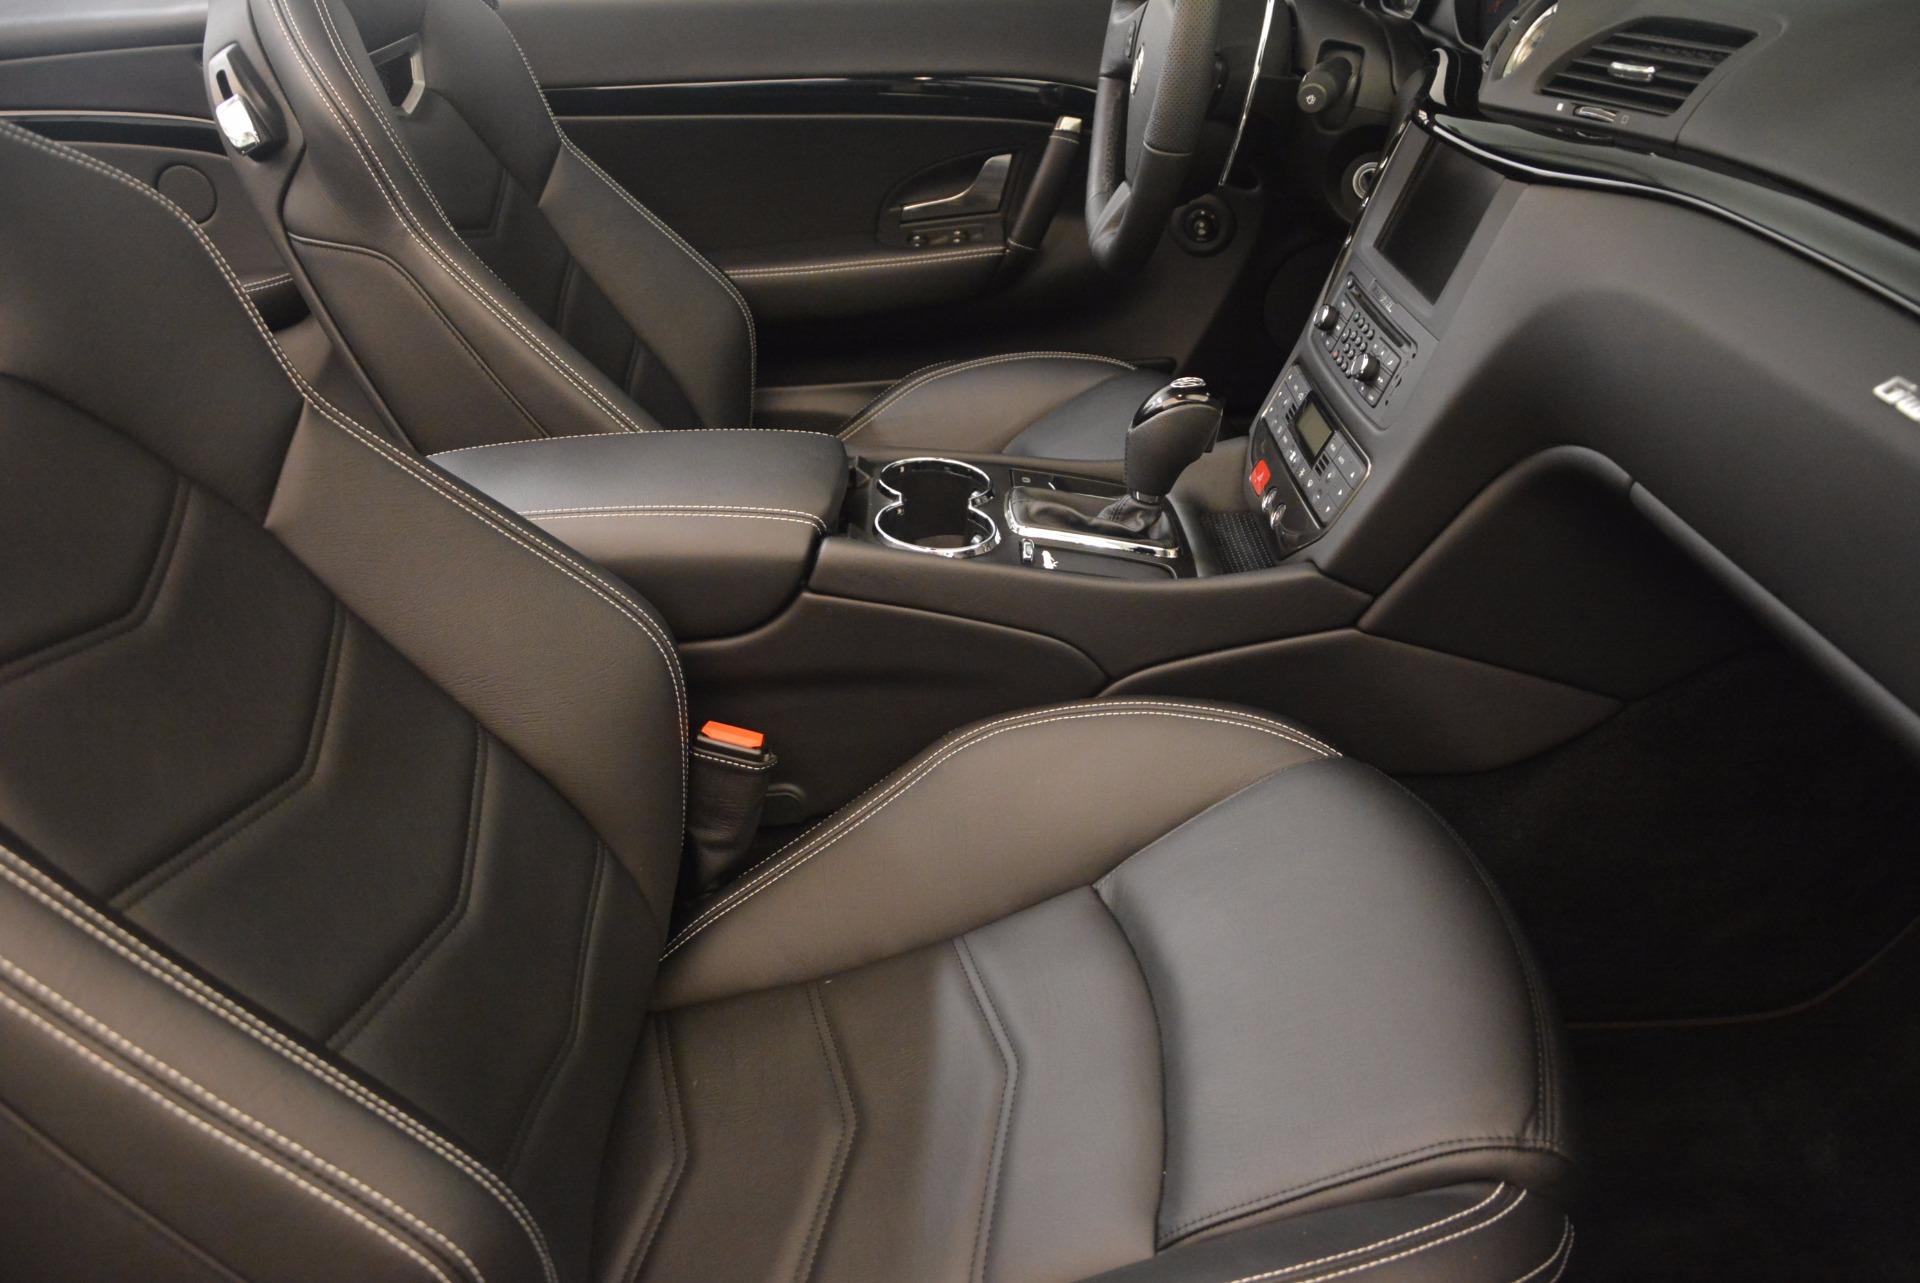 Used 2016 Maserati GranTurismo Sport For Sale In Greenwich, CT 1278_p33